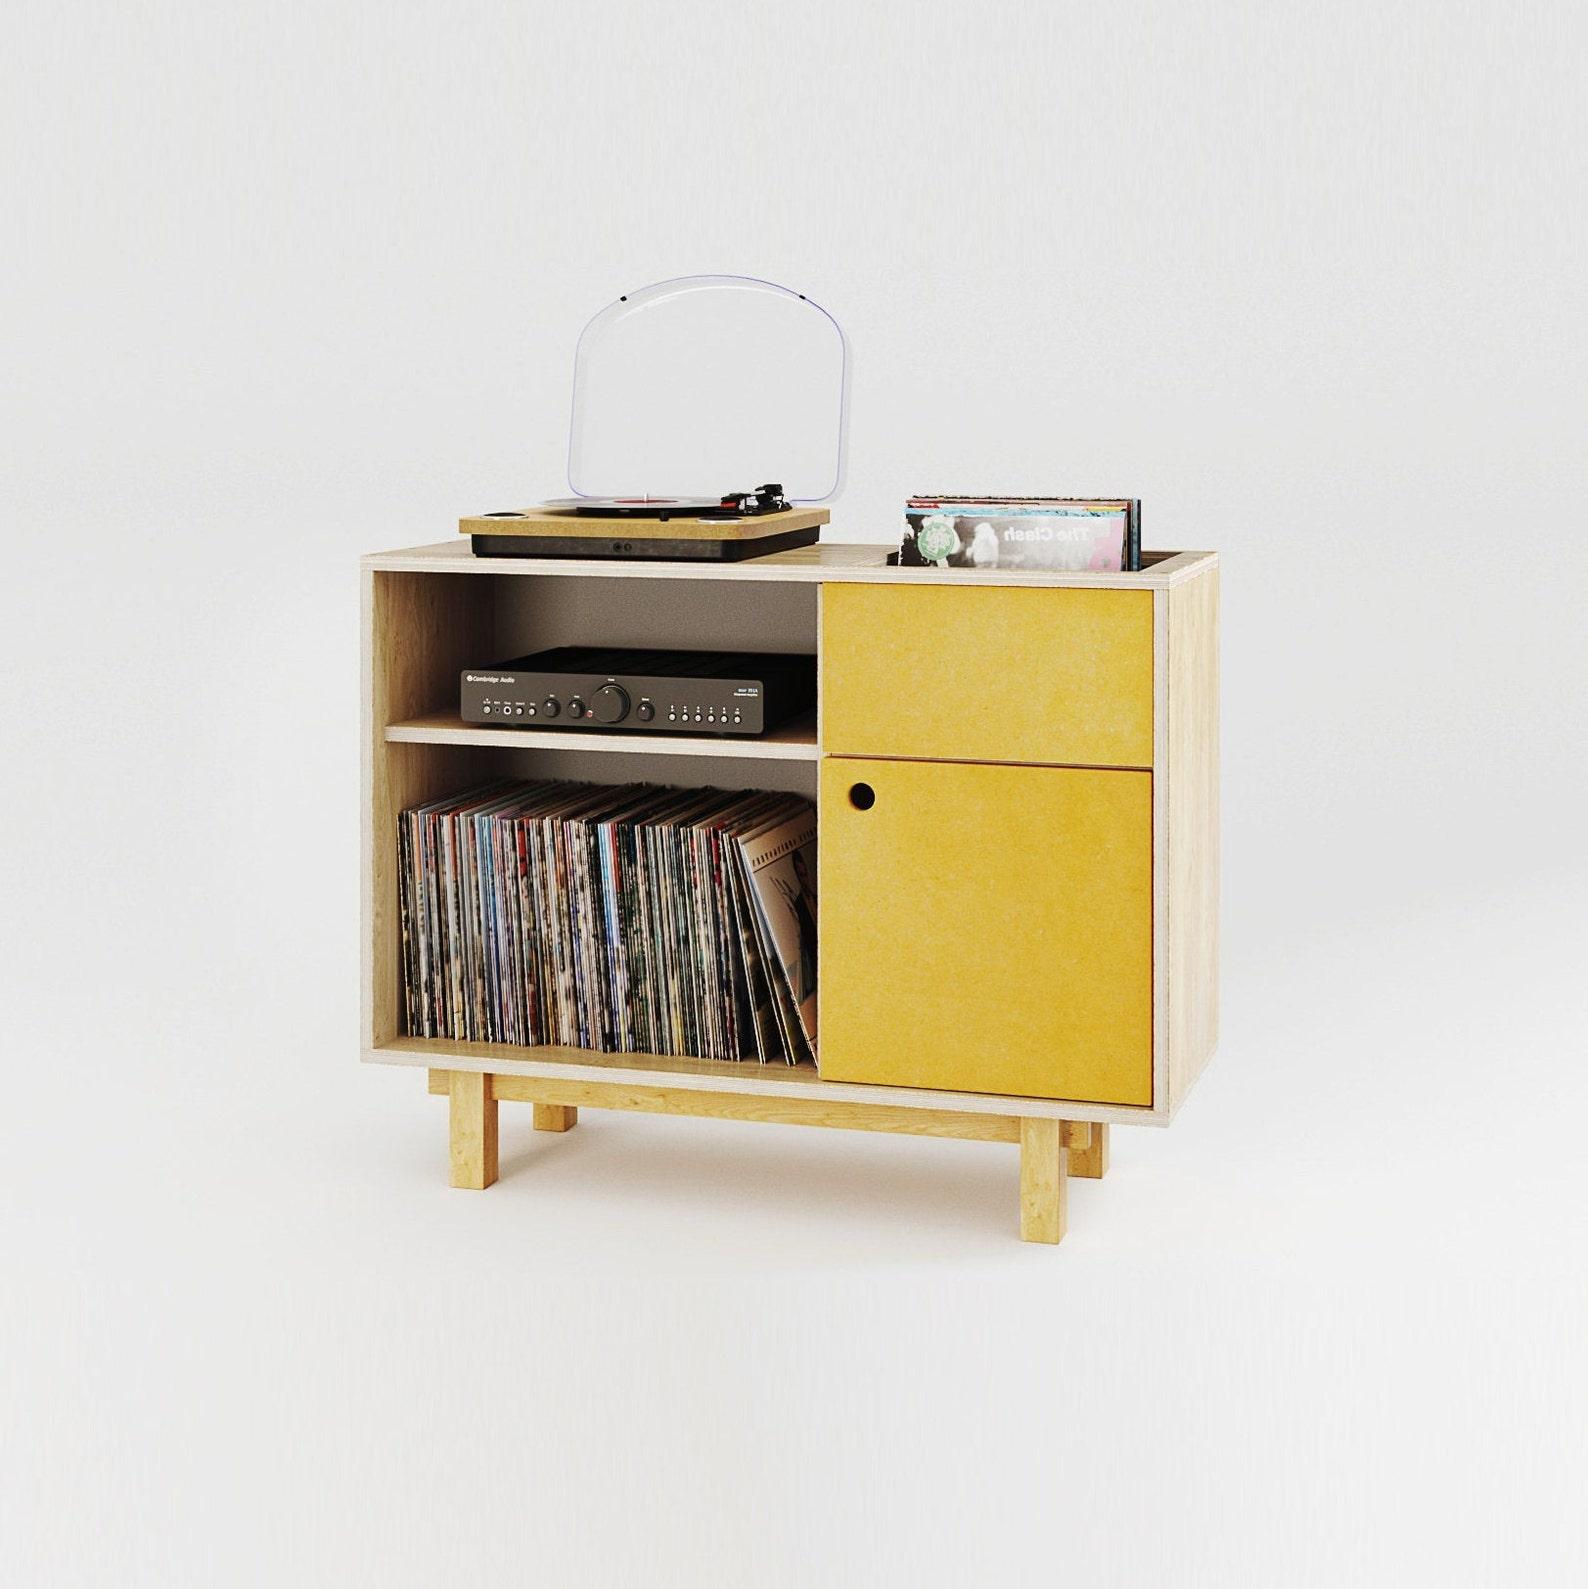 Mueble - consola para equipo HI FI Il_1588xN.2090191838_n6h9